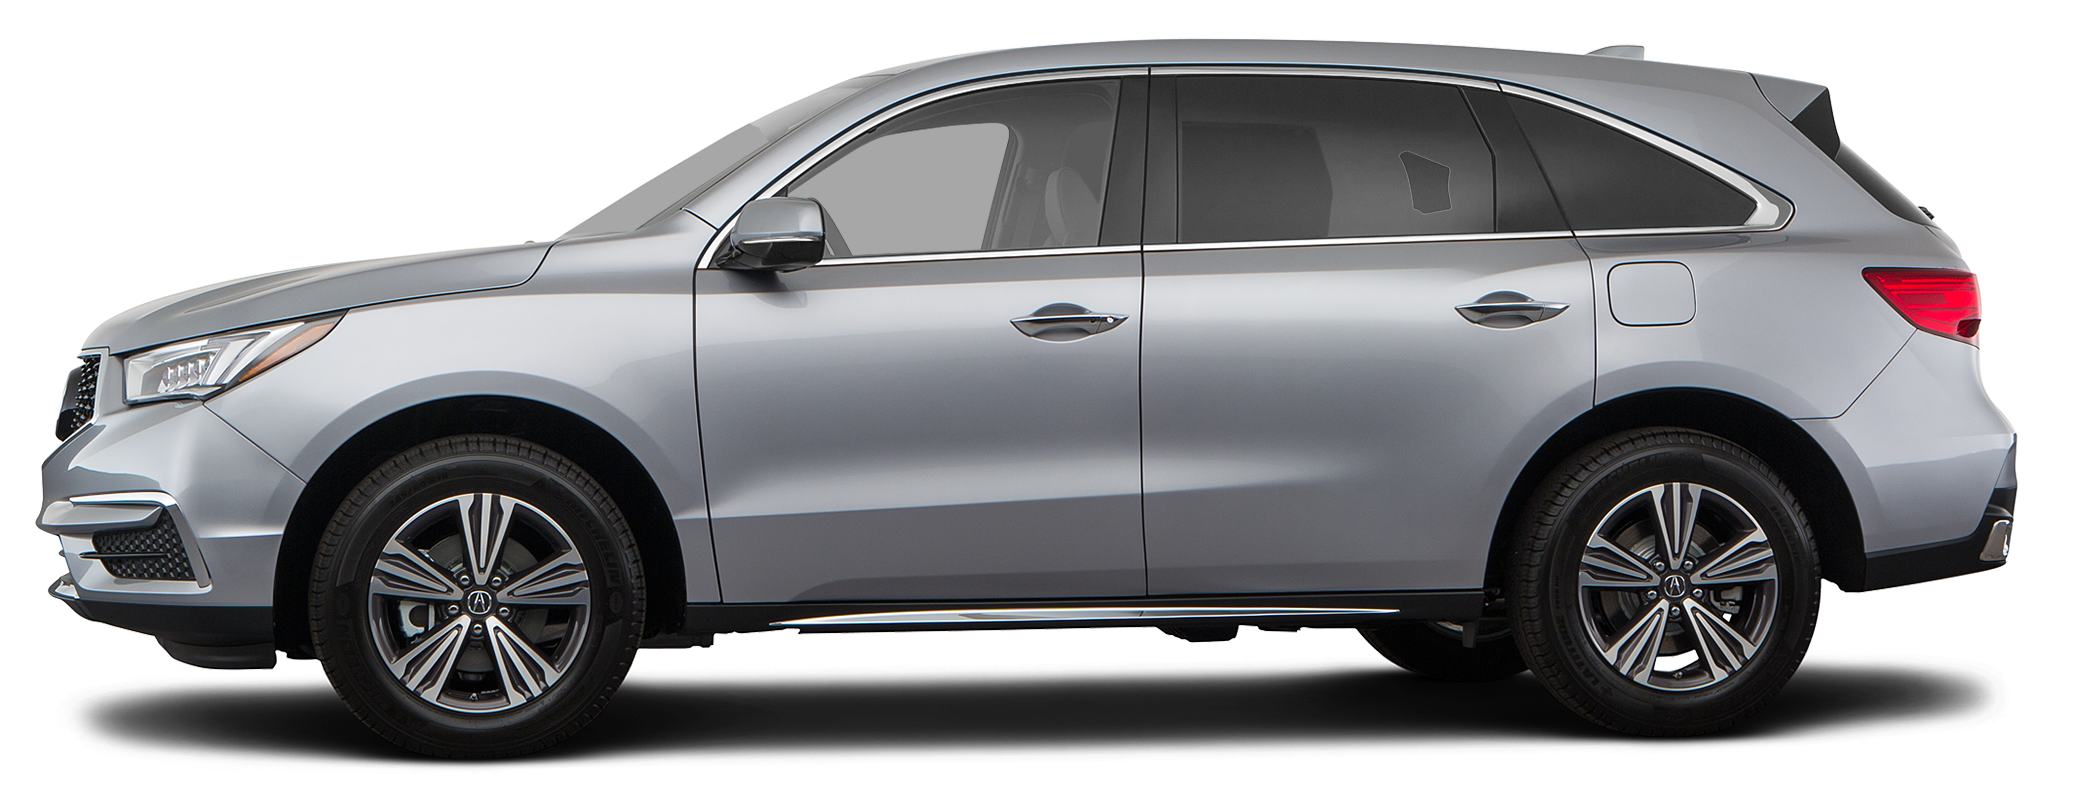 2020 Acura MDX SUV